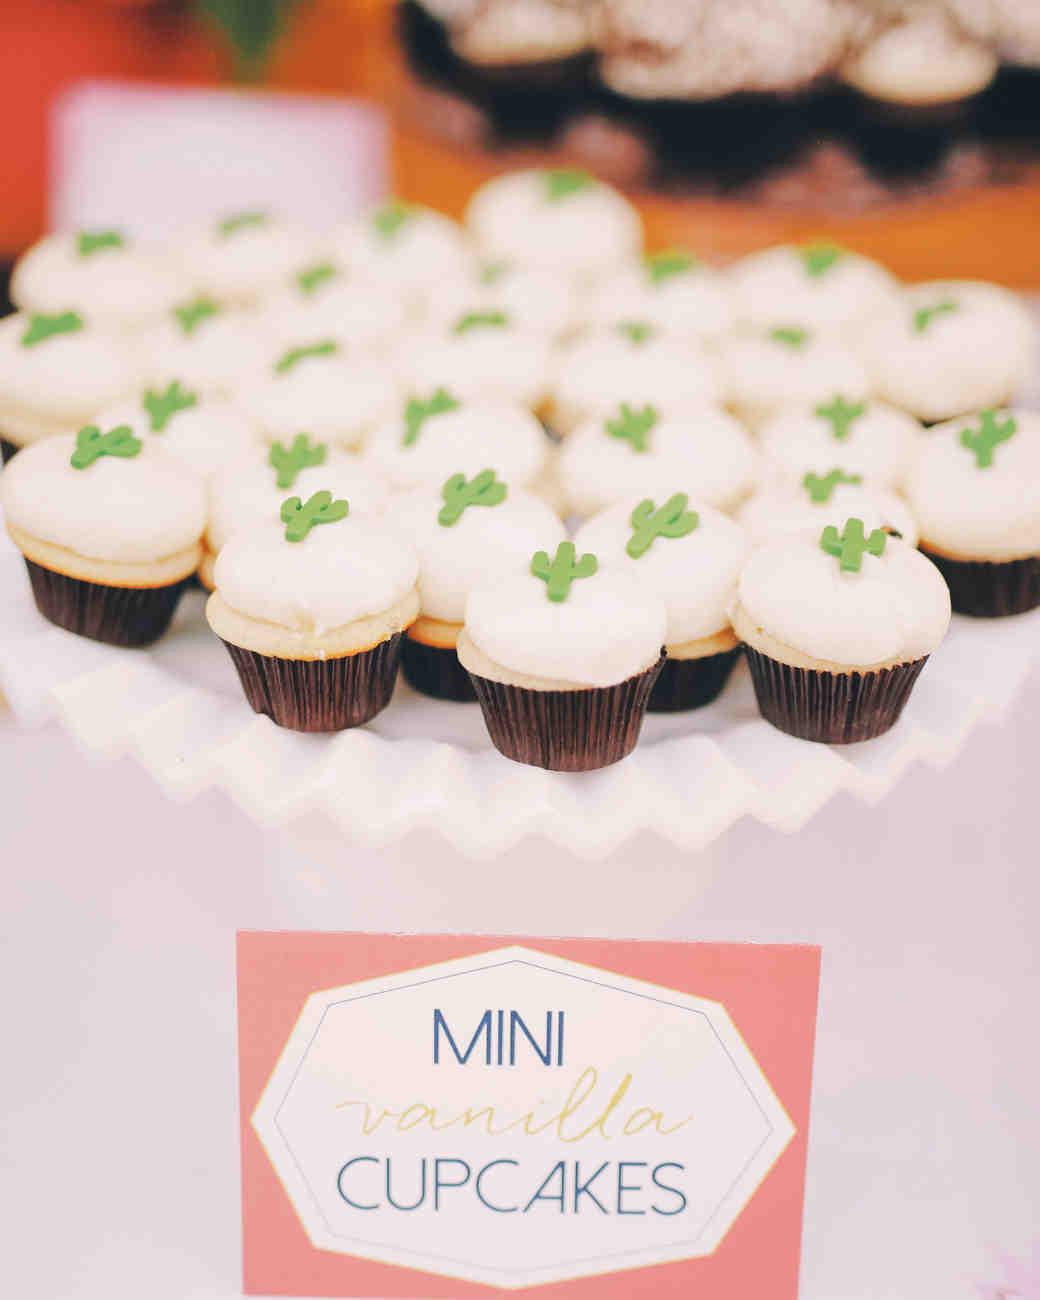 katie-brian-wedding-dessert-3828-s111885-0515.jpg